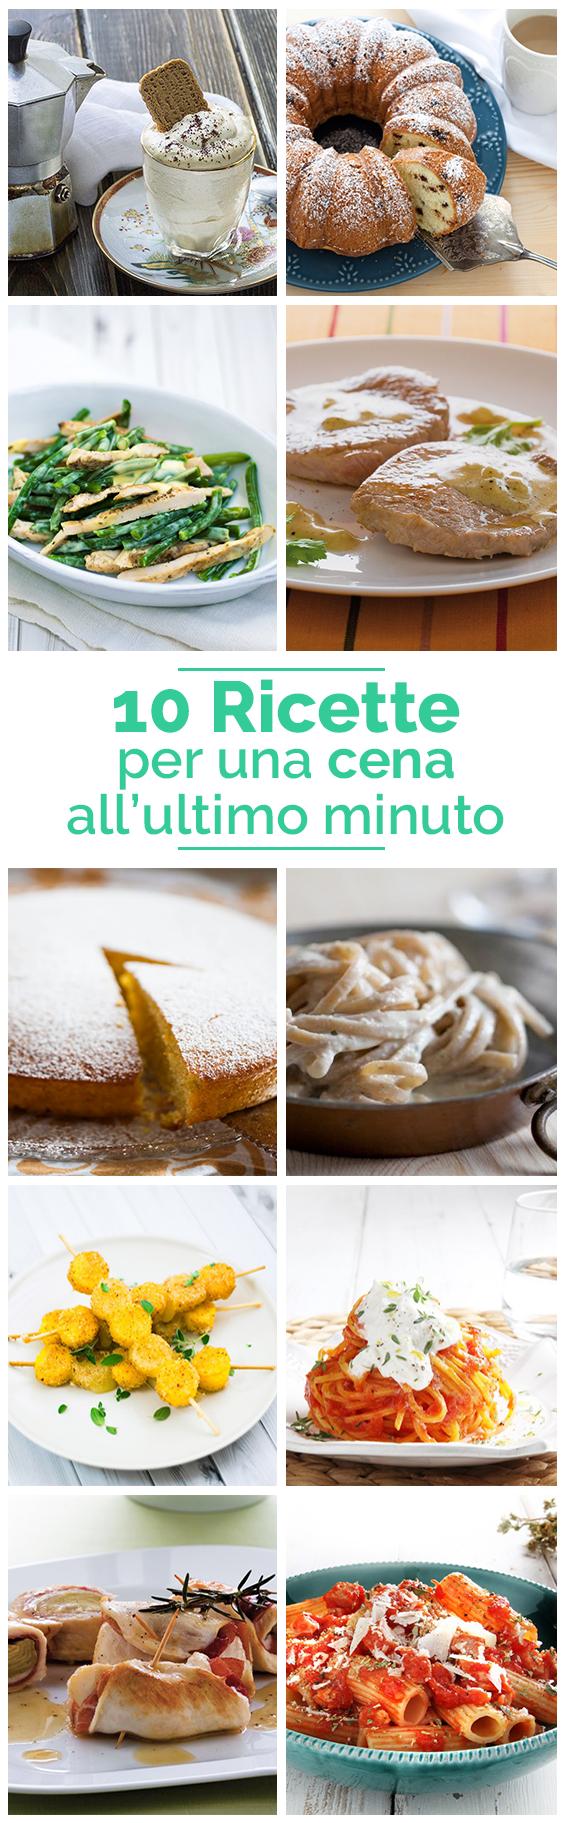 15 Ricette Per Una Cena Dell Ultimo Minuto Loves By Il Cucchiaio D Argento Ricette Cena Idee Alimentari